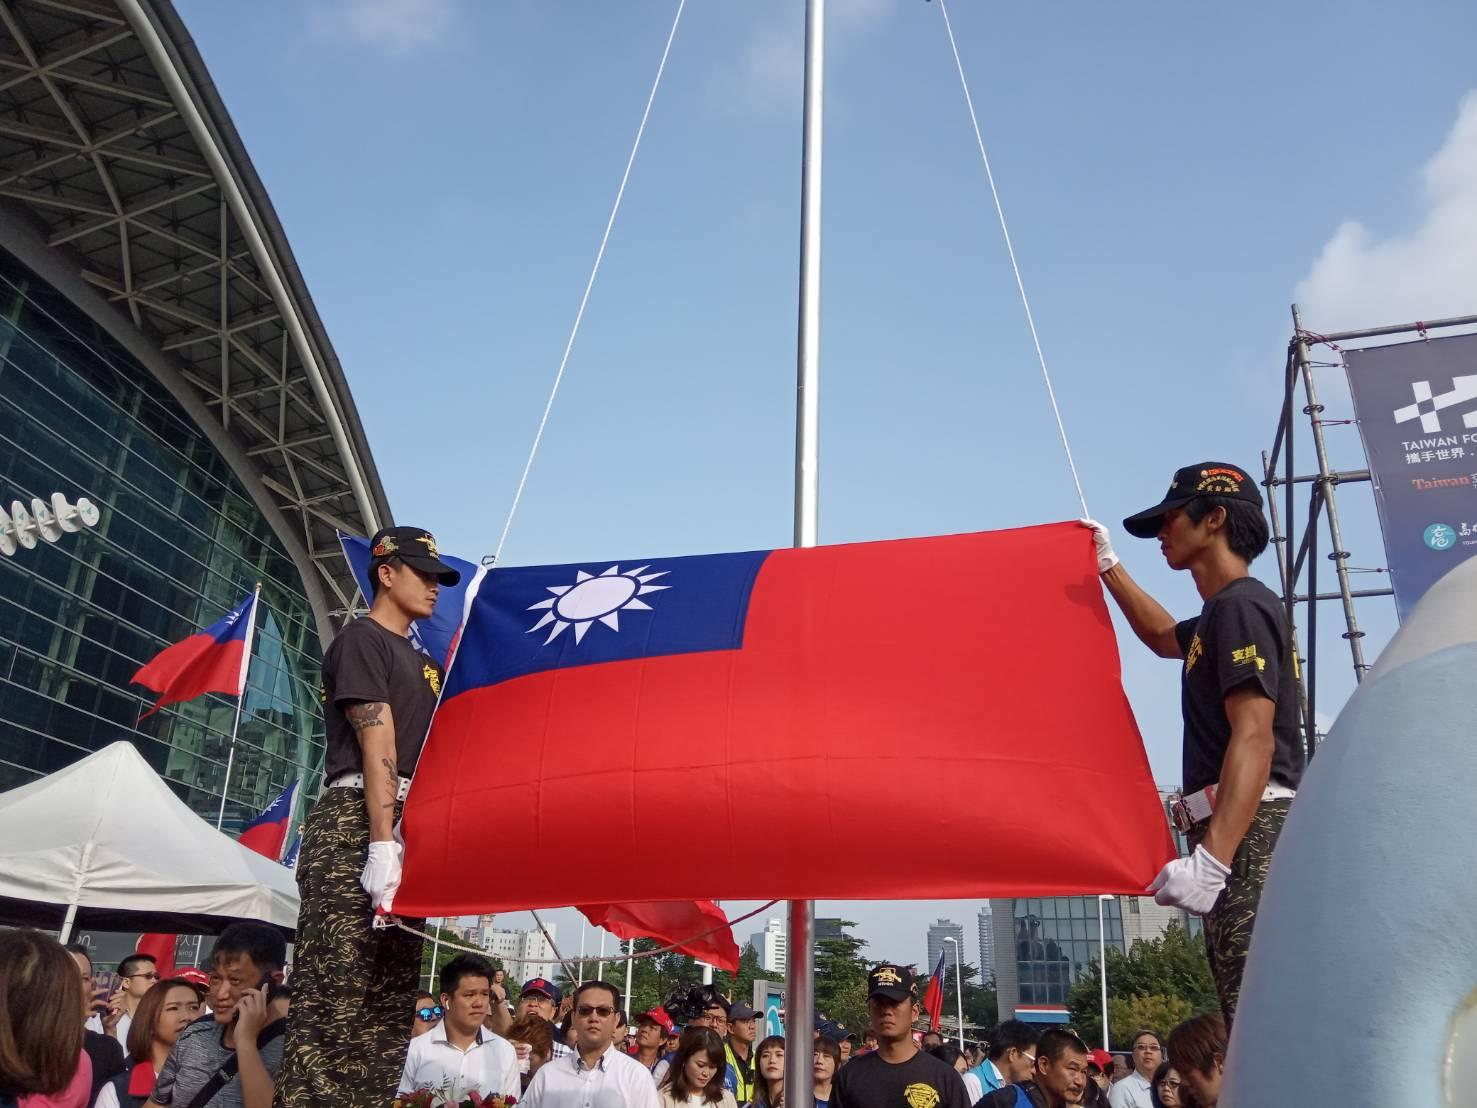 高雄市在韓國瑜就任前, 已有多年未在國慶日舉行升旗。圖:孫家銘/攝